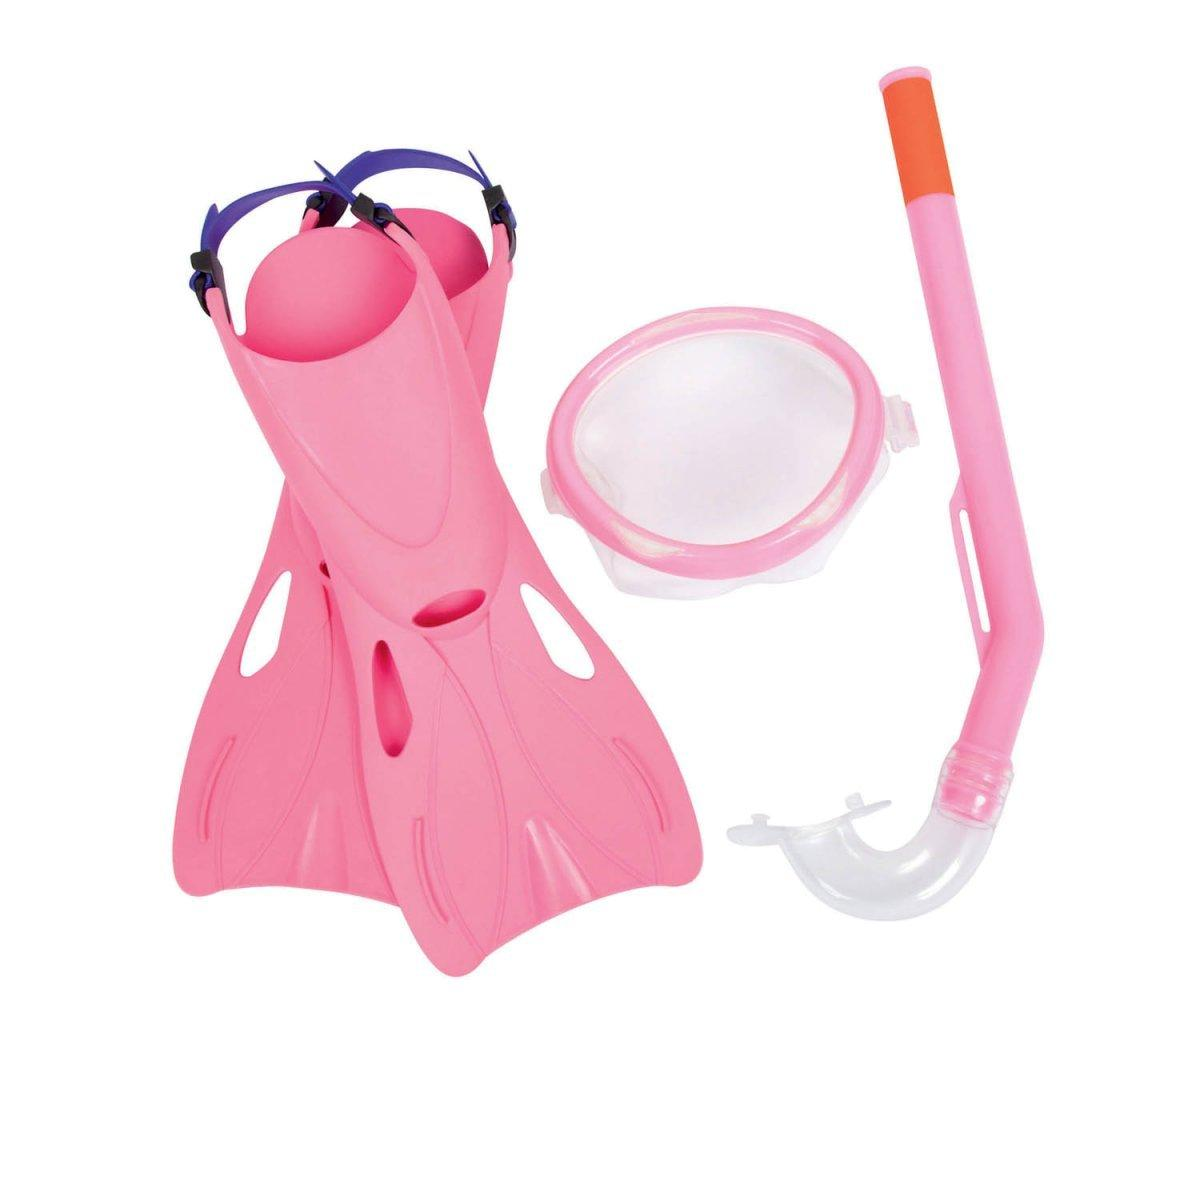 Набор 3 в 1 для плавания Bestway 25018 (маска: размер S, (3+), обхват головы ≈ 50 см, трубка, ласты: размер S, 35 (EU), под стопу ≈ 15-18 см), розовый